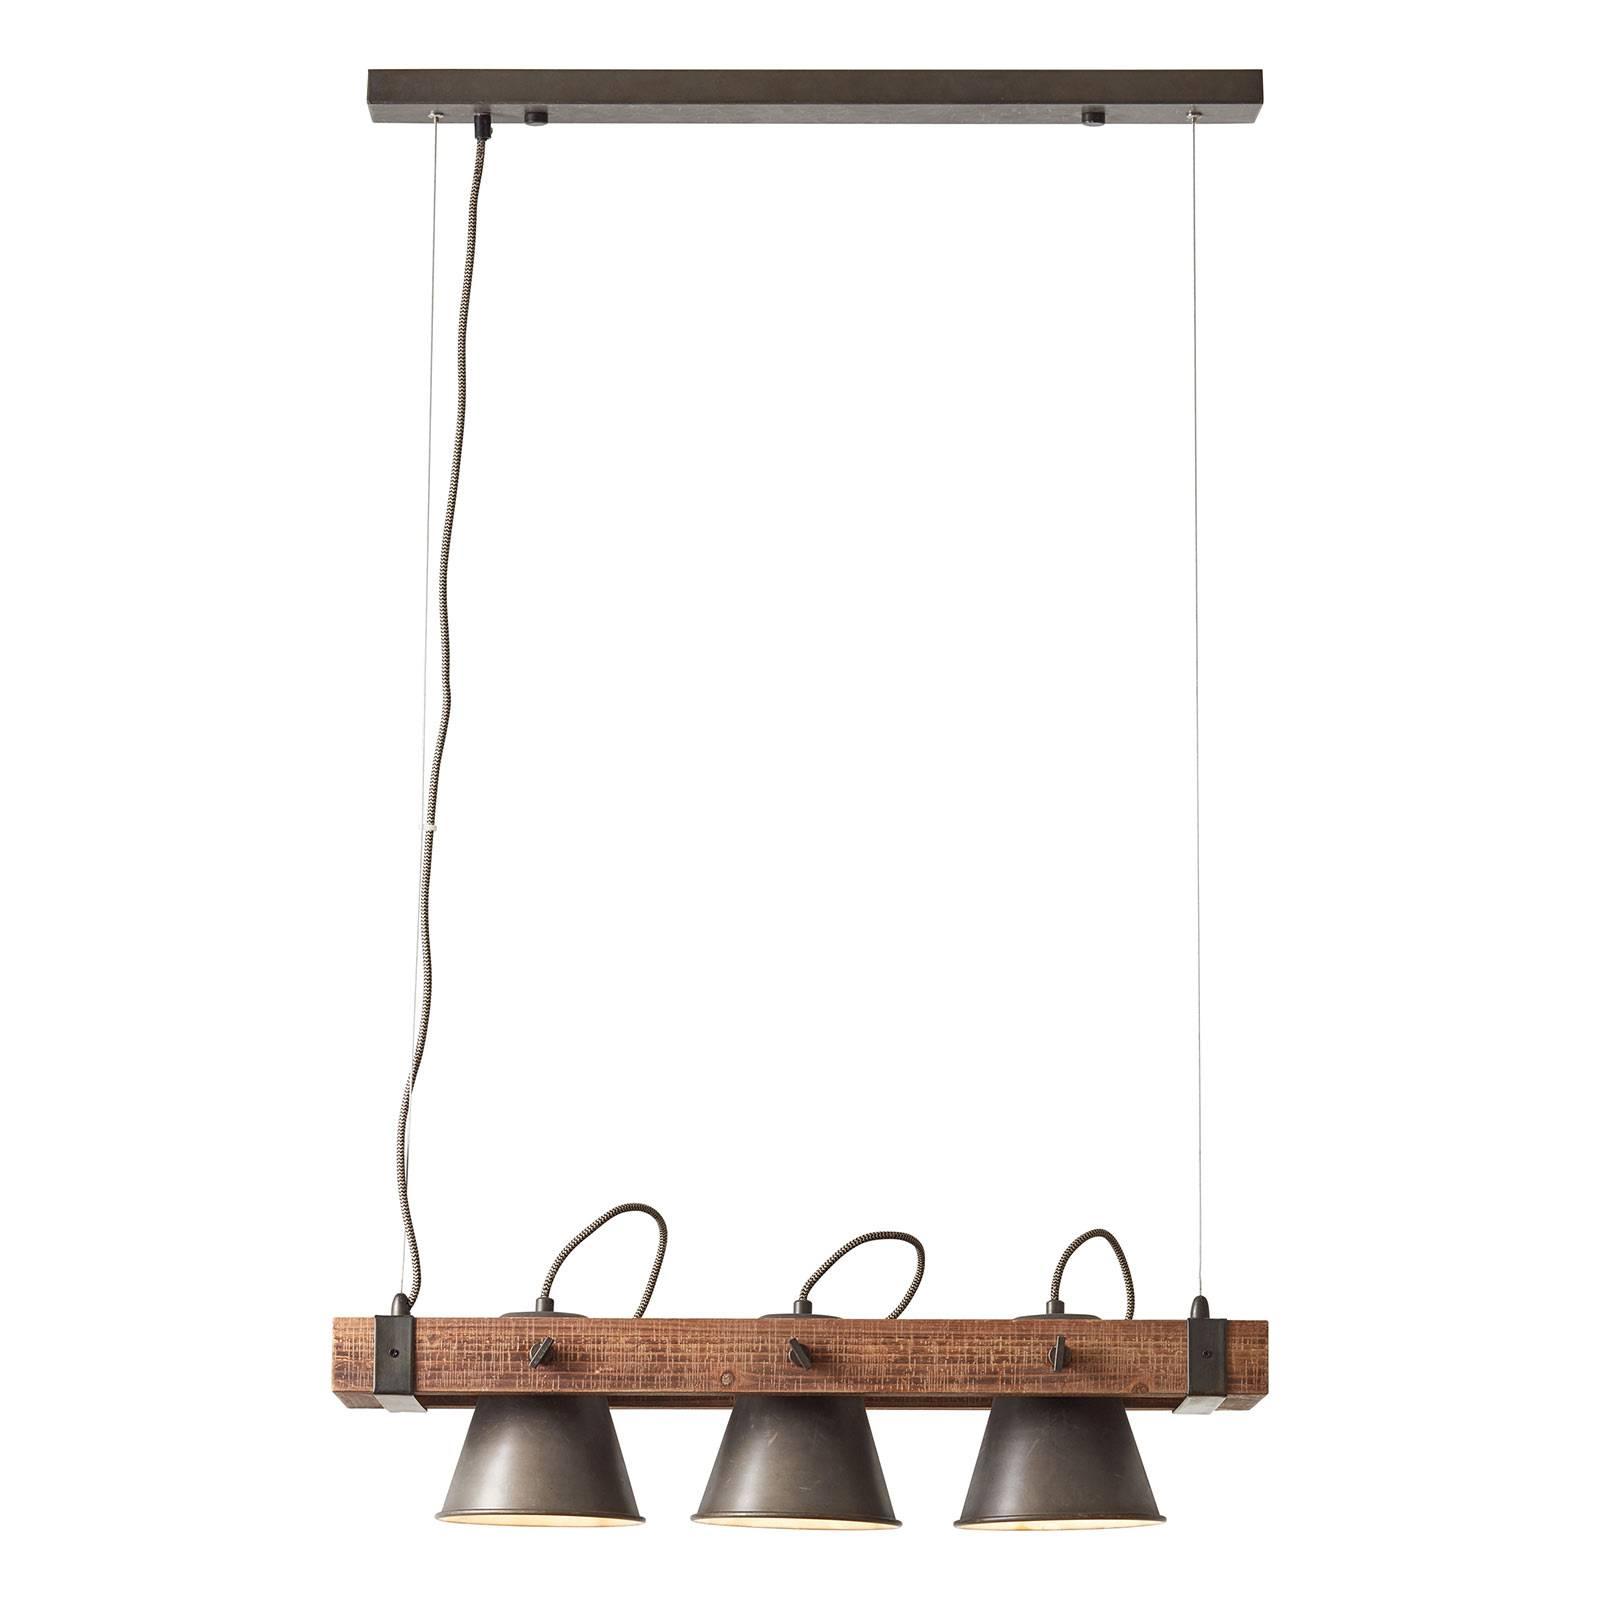 Riippuvalaisin Plow 3-lamppuinen, musta/puu tumma